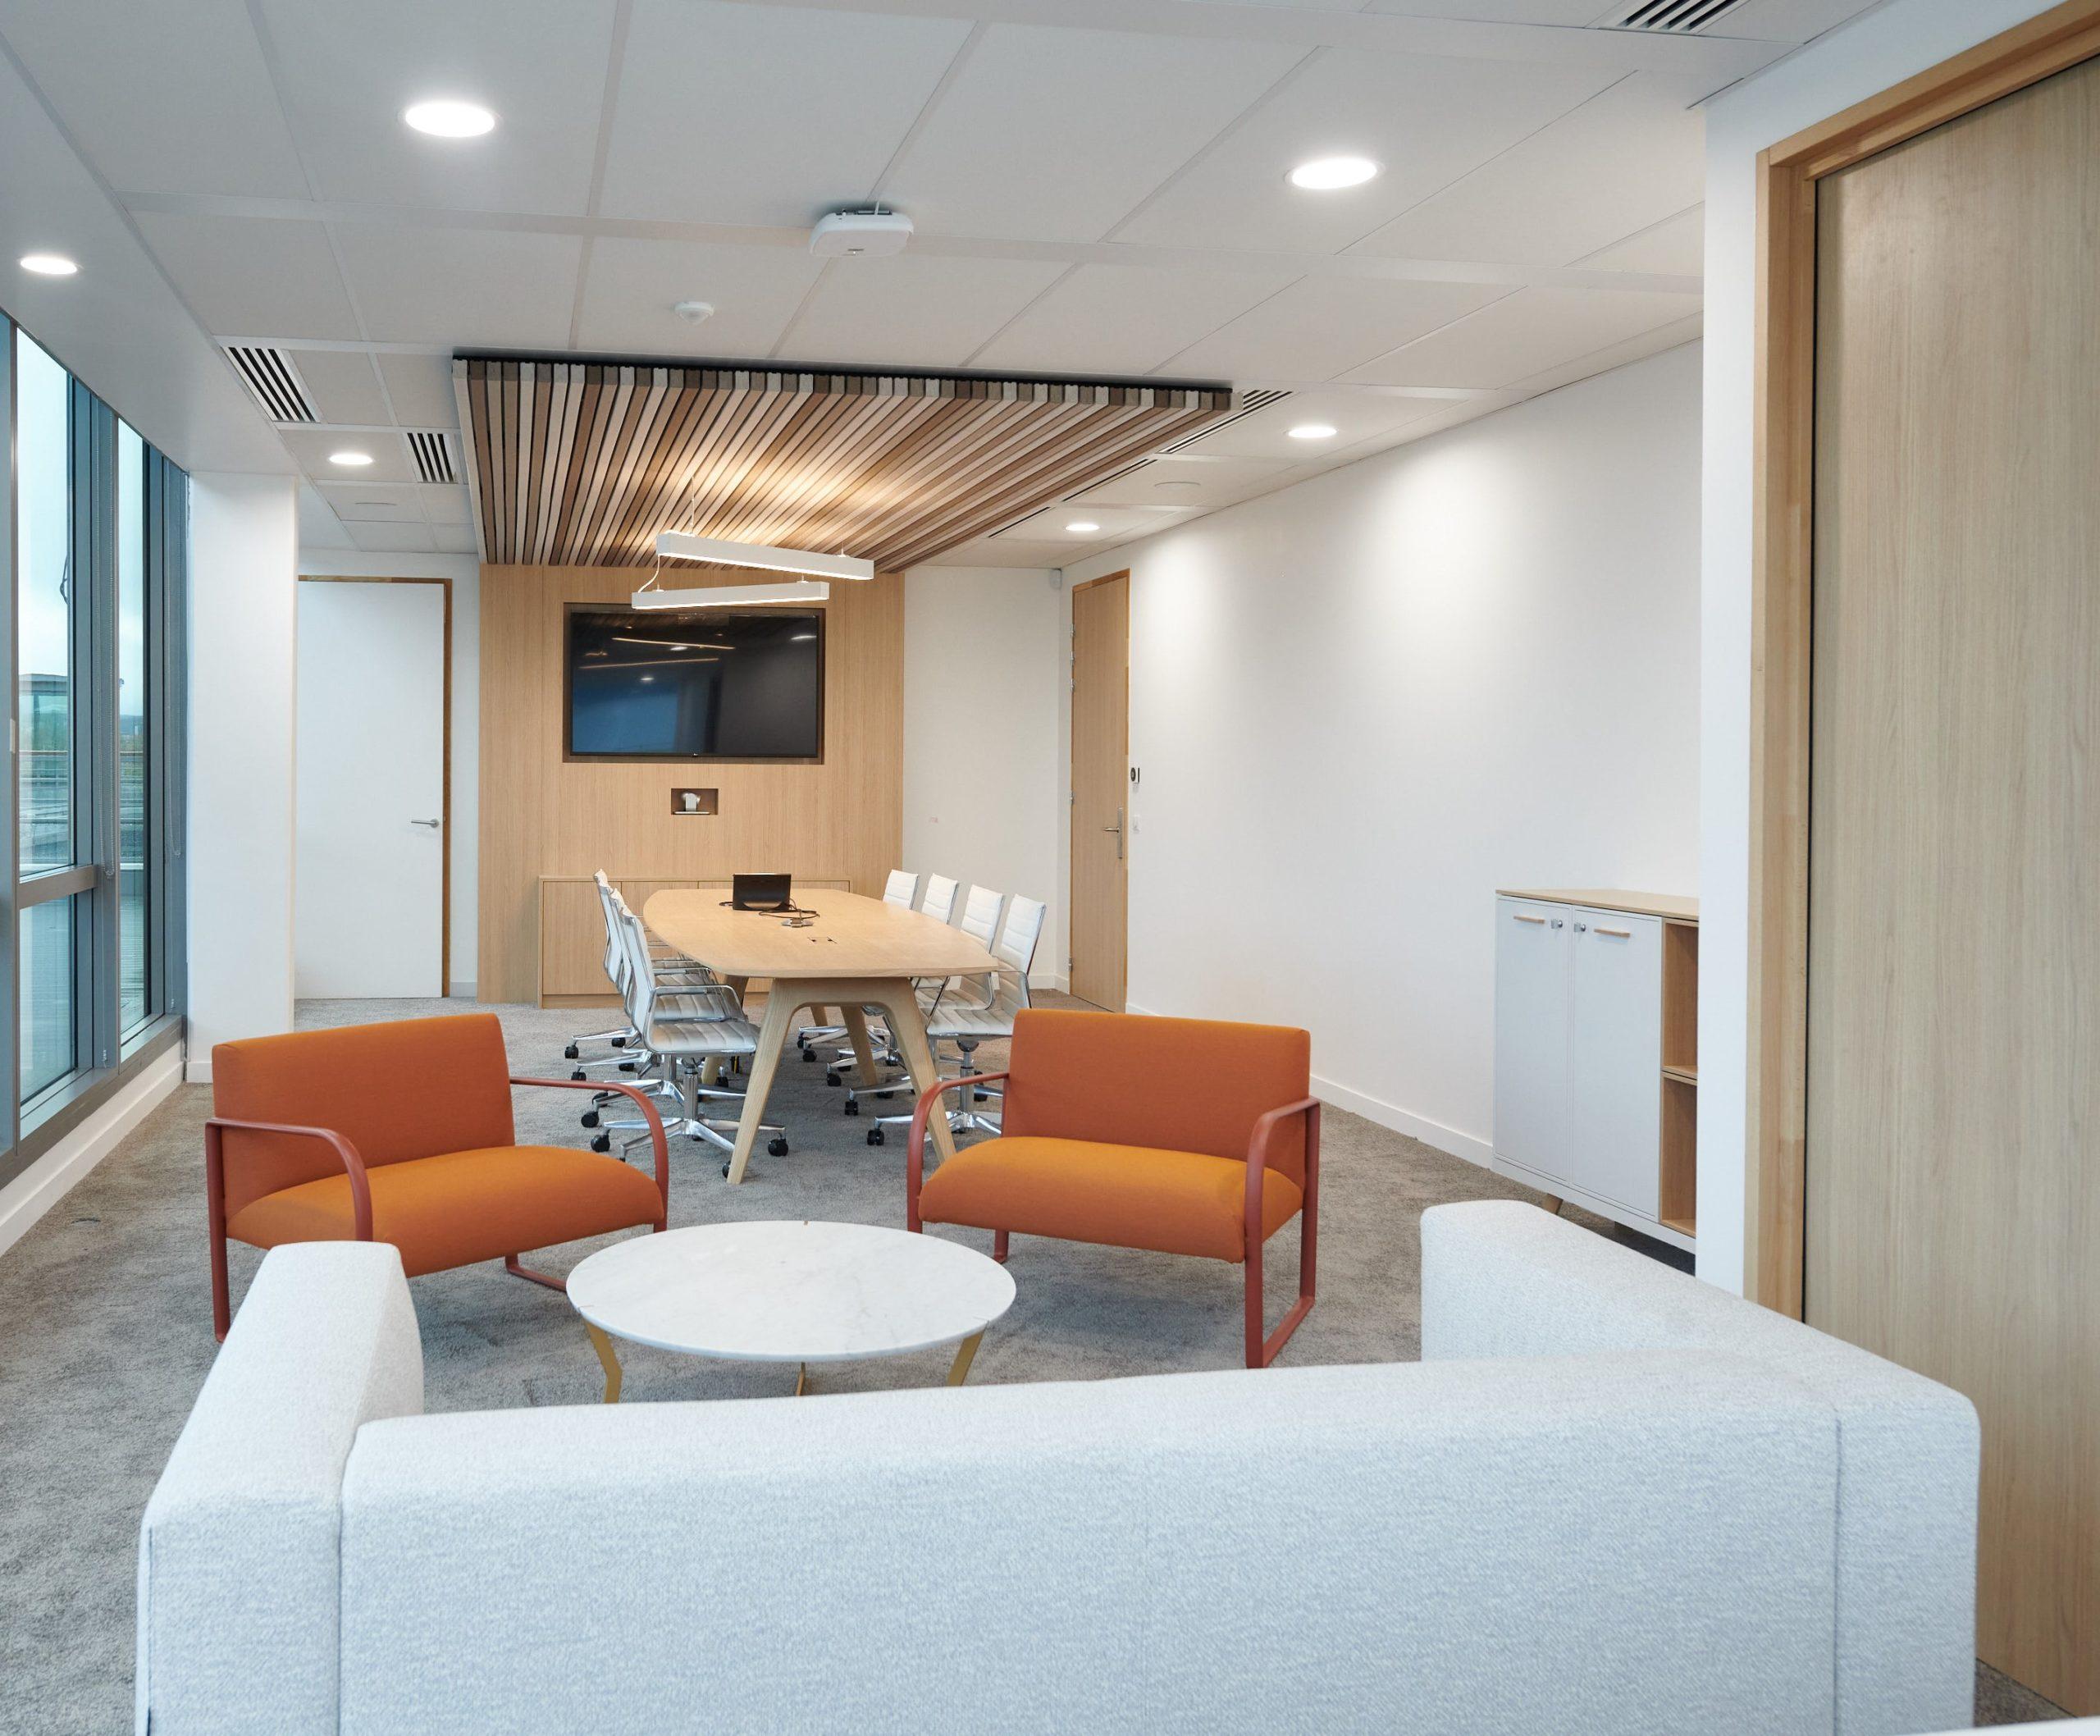 Skema-Bureau direction-canapé-fauteuil-table de réunion